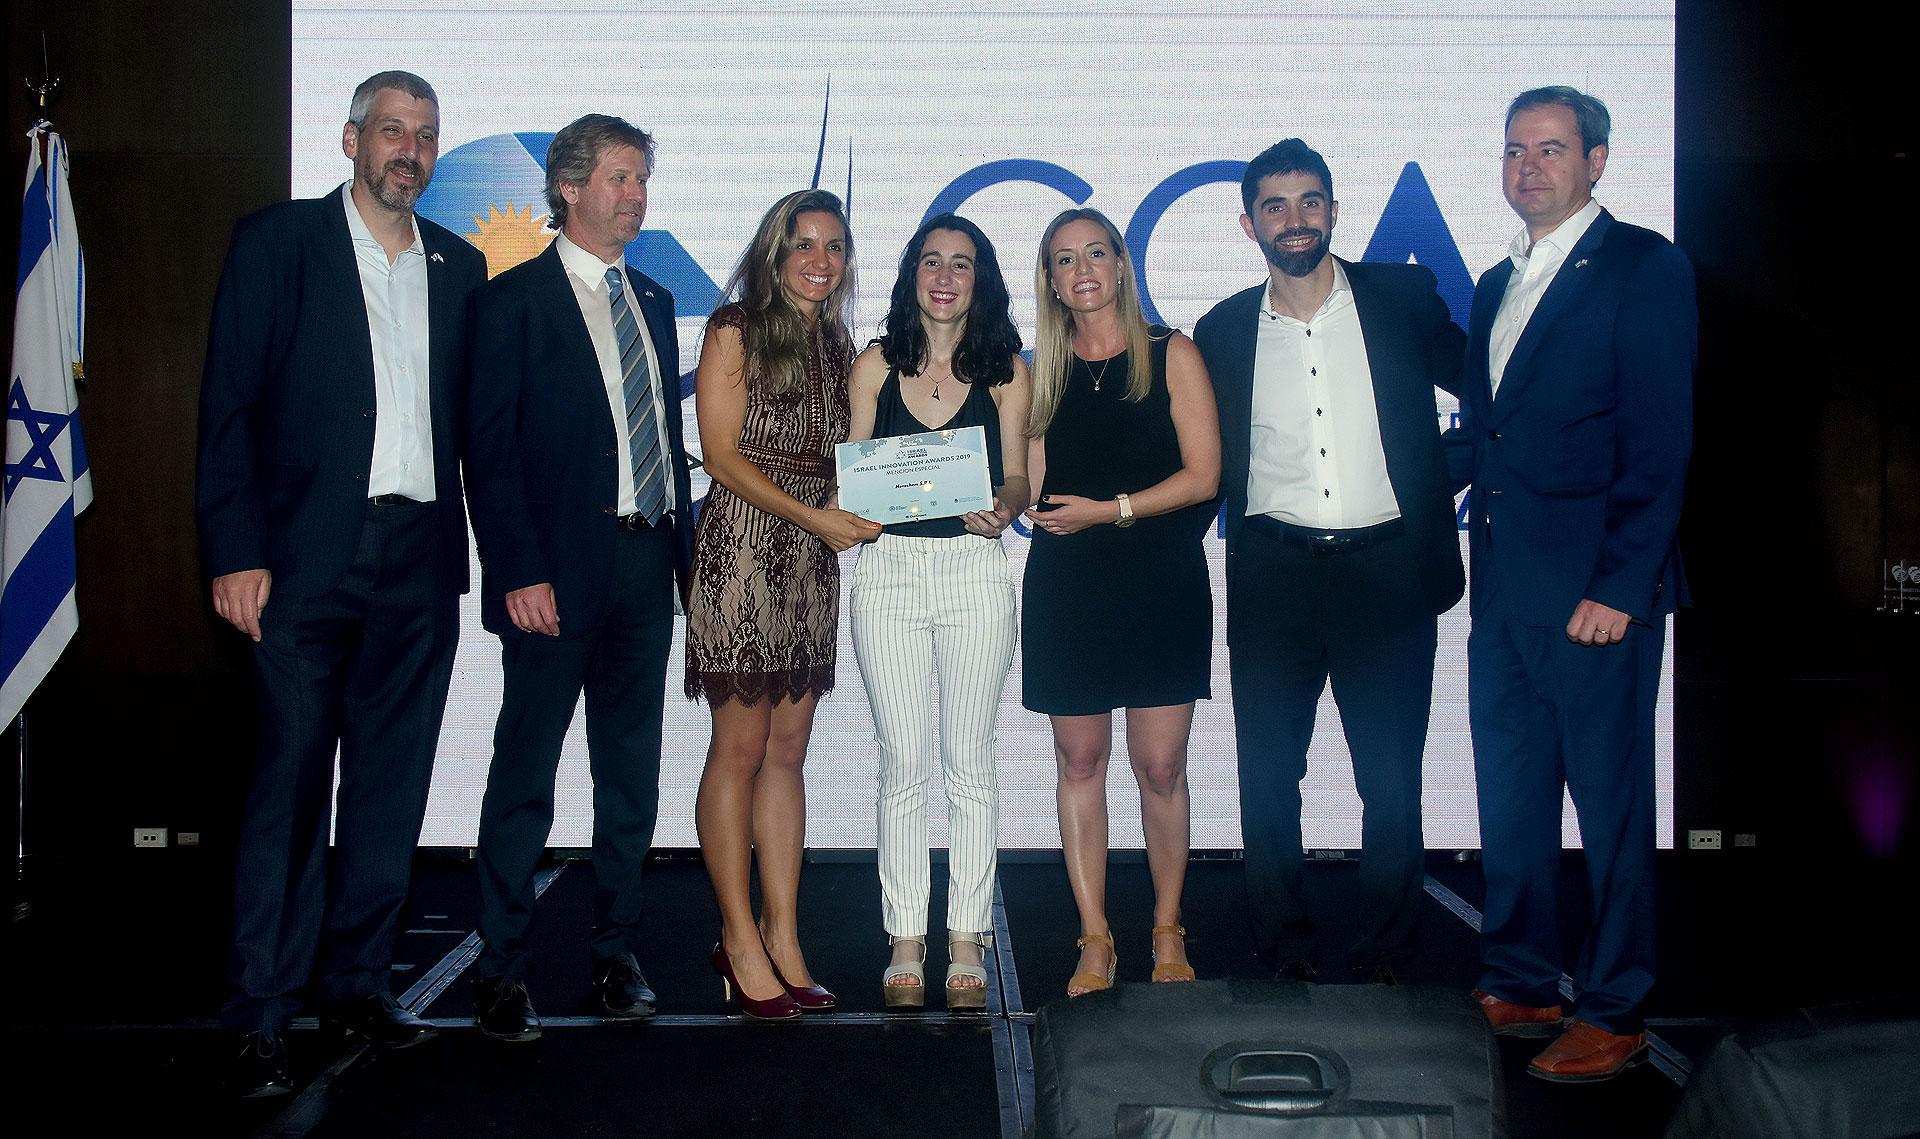 Durante el evento se entregaron los Israel Innovation Awards 2019. En la foto, la ganadora Damaris Reynoso de la empresa Novachem